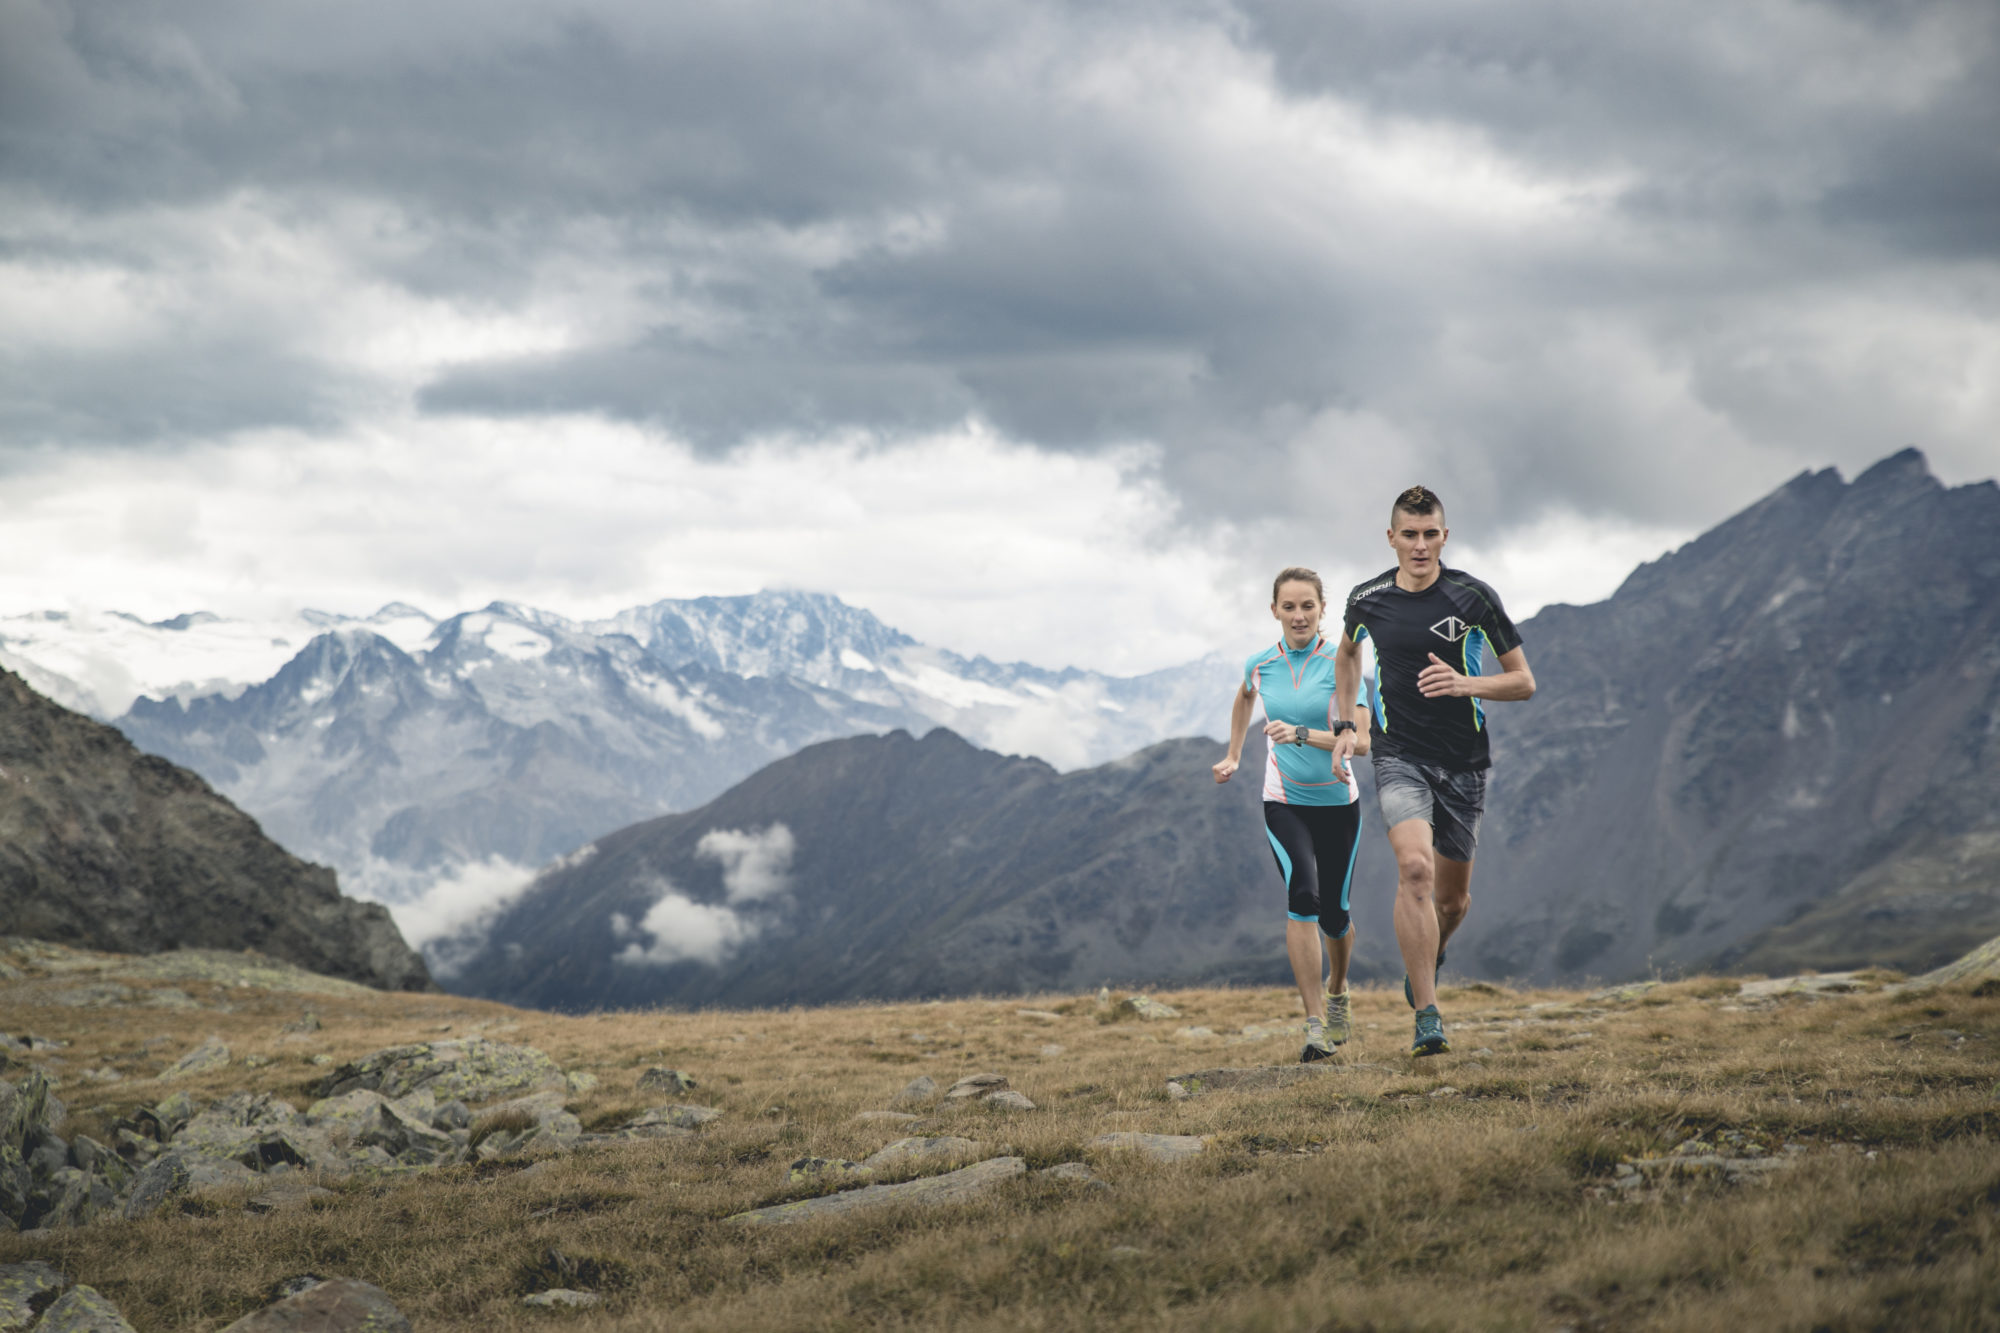 Crazy Idea running e mountain